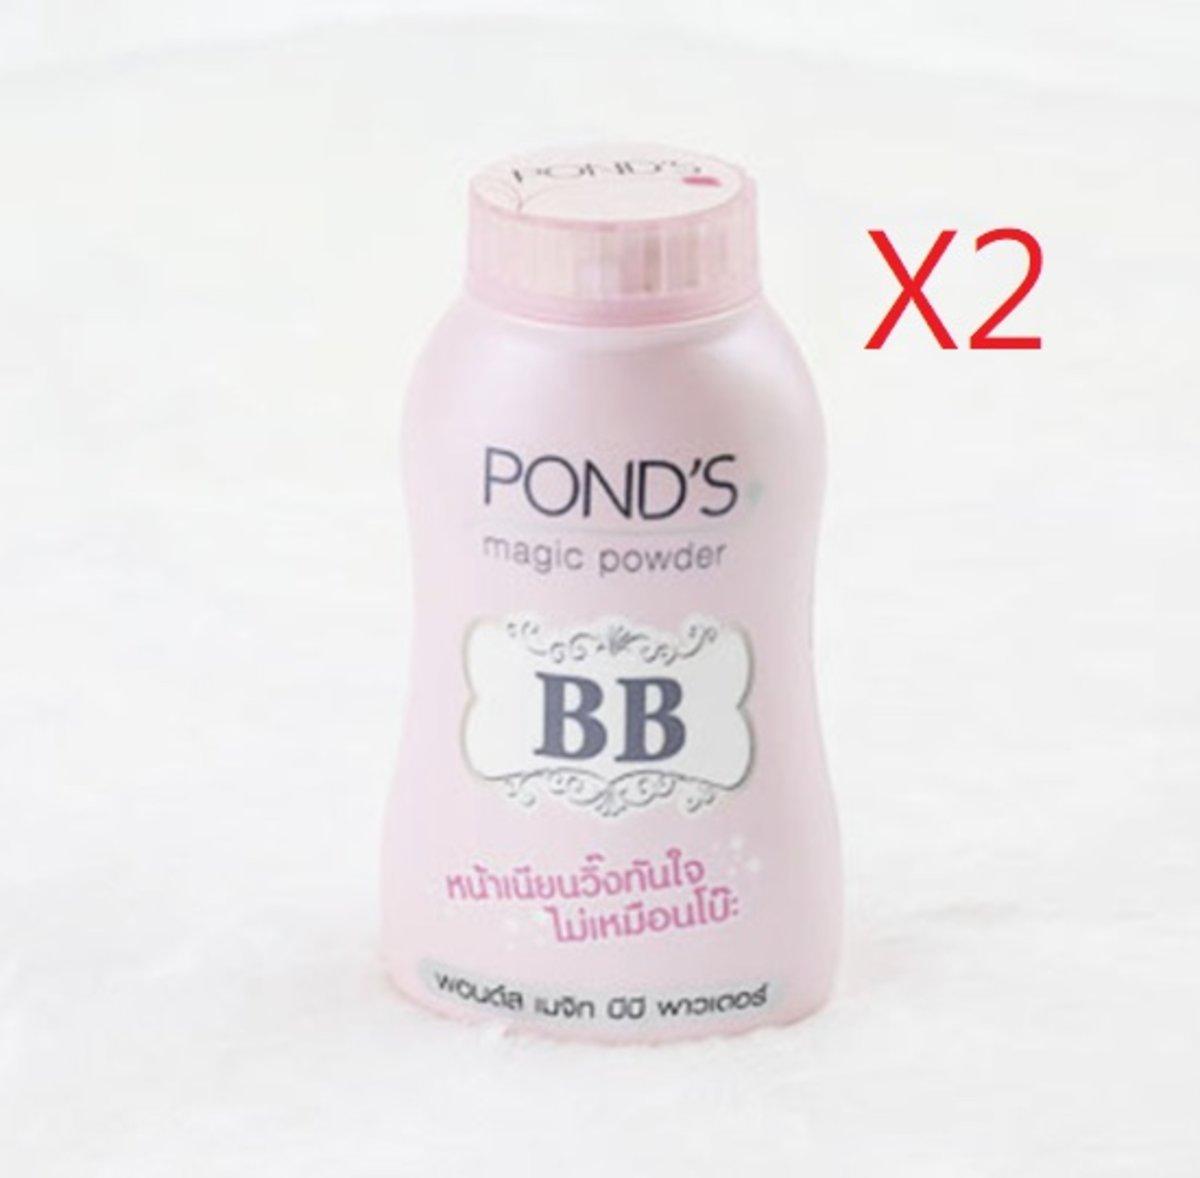 Magic powder BB X2